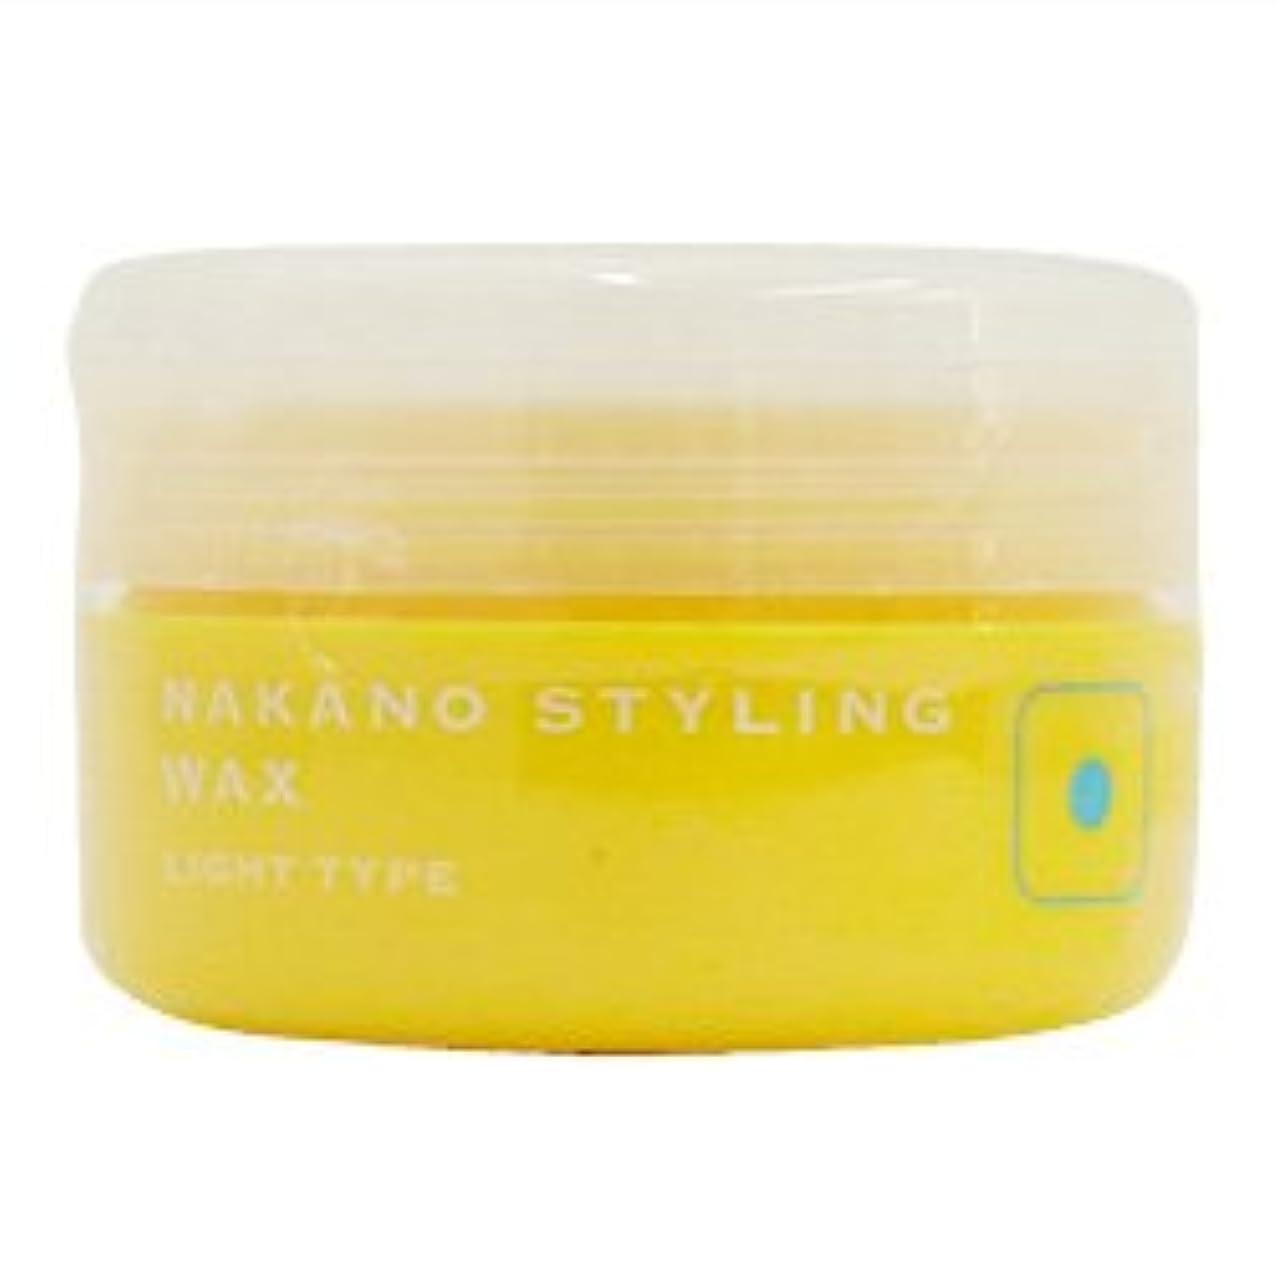 ドラッグ敵意油ナカノ スタイリングワックス 1 ライトタイプ 90g 中野製薬 NAKANO